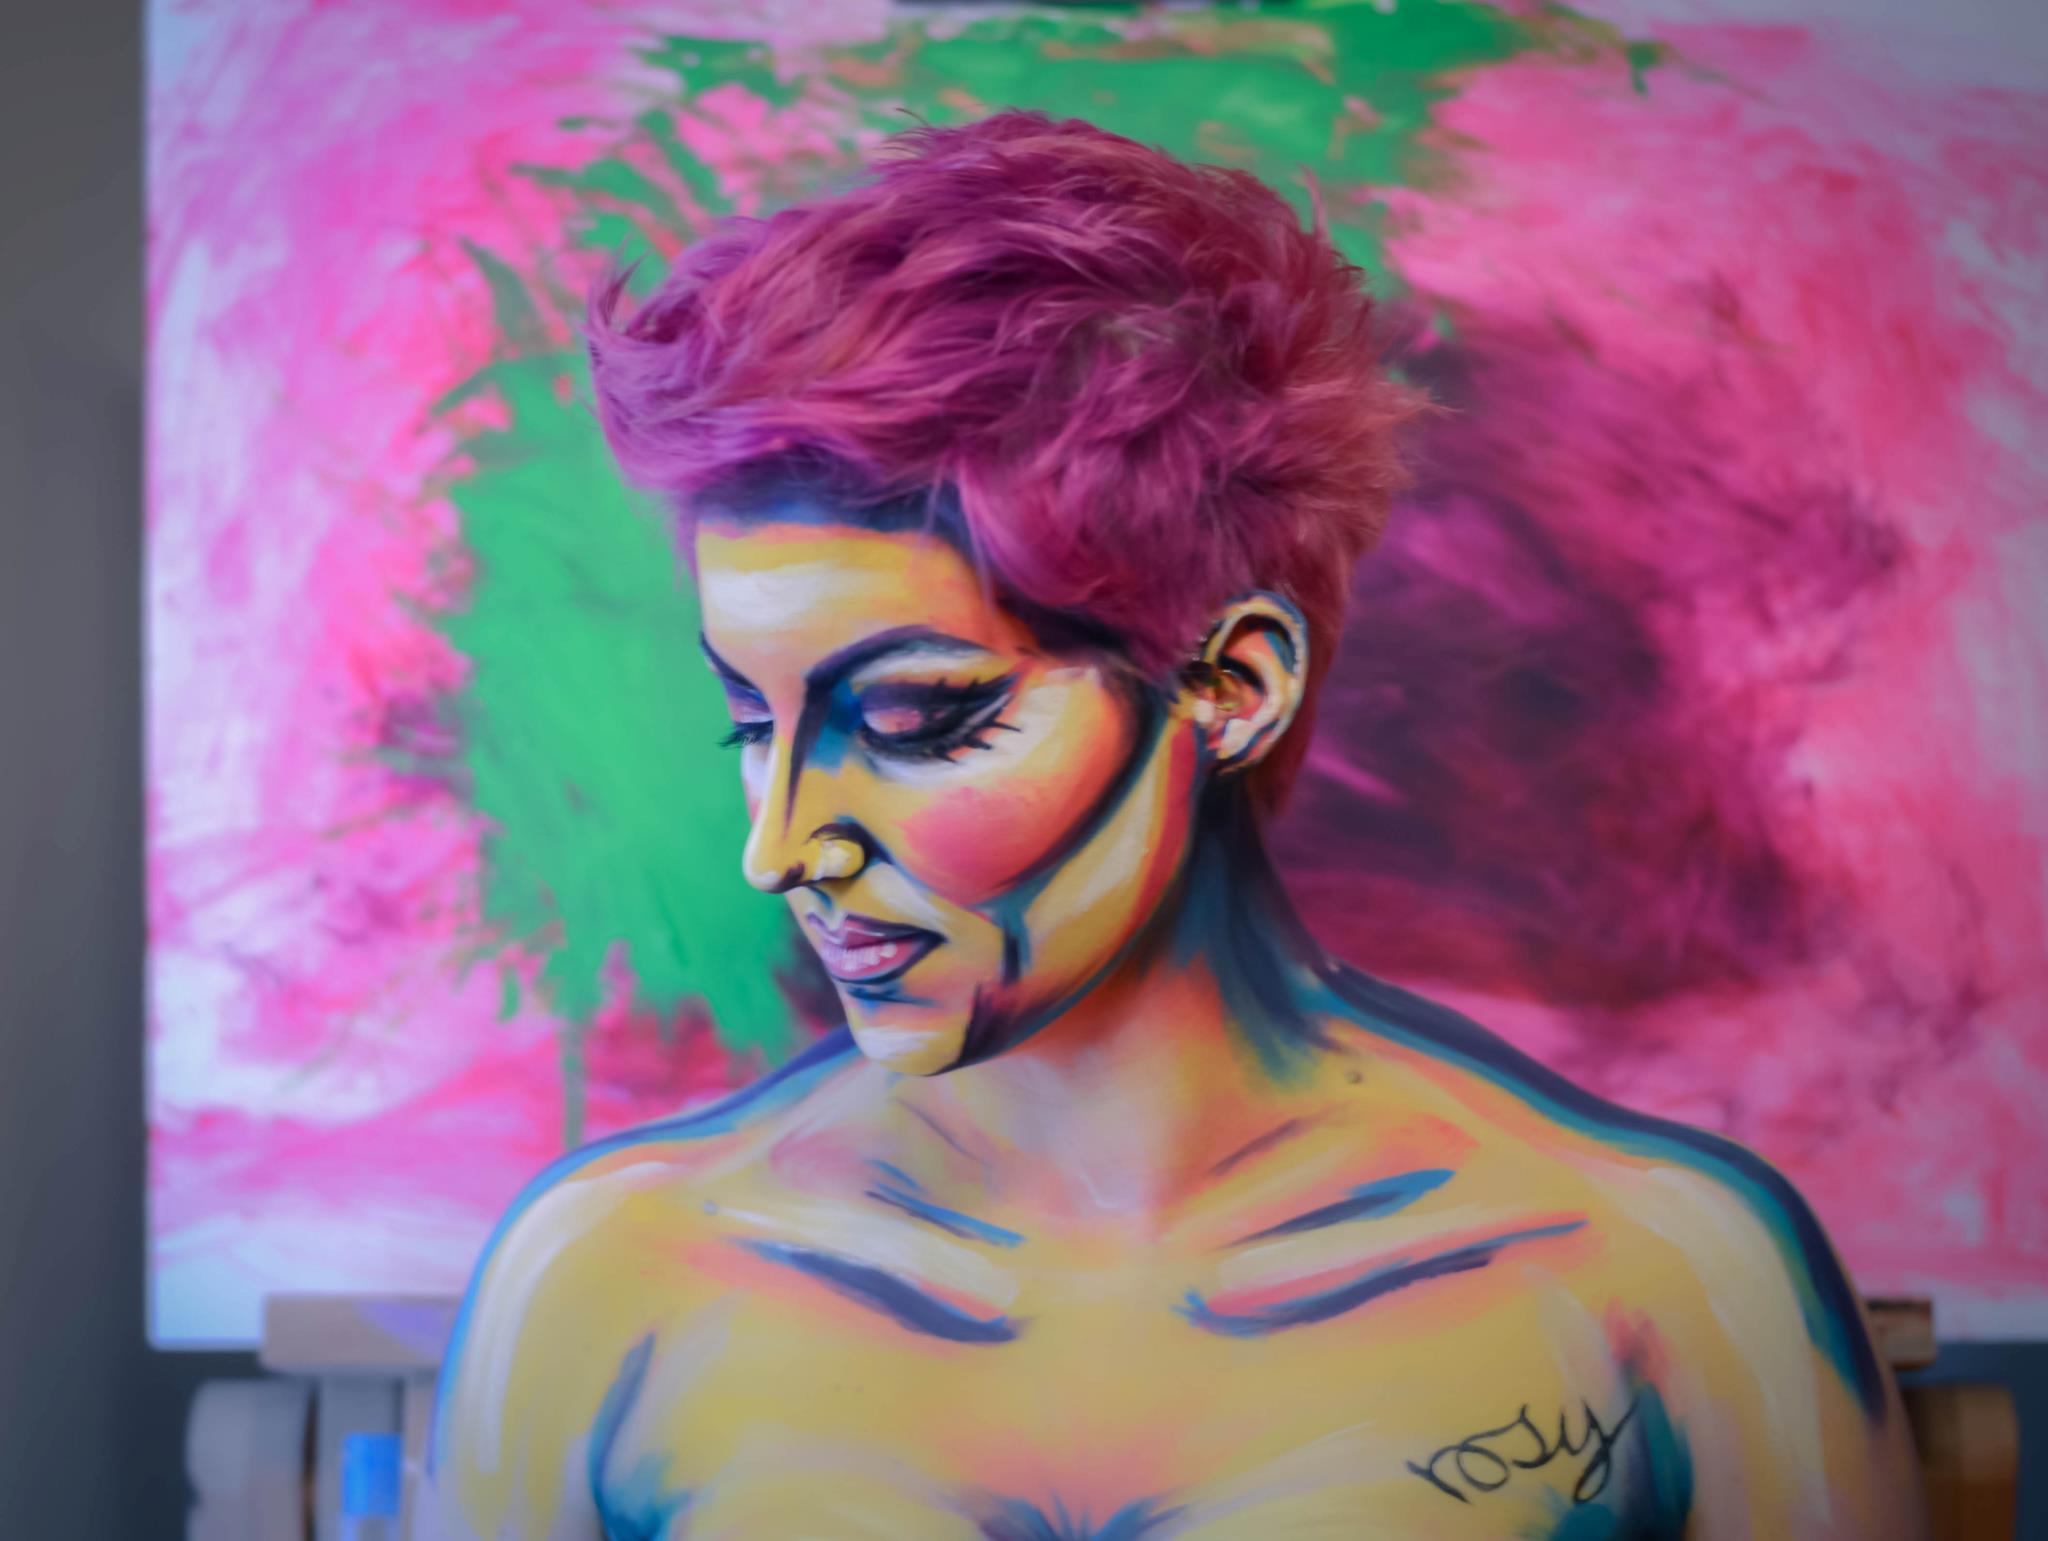 Self-portrait, Bodypaint- 2013